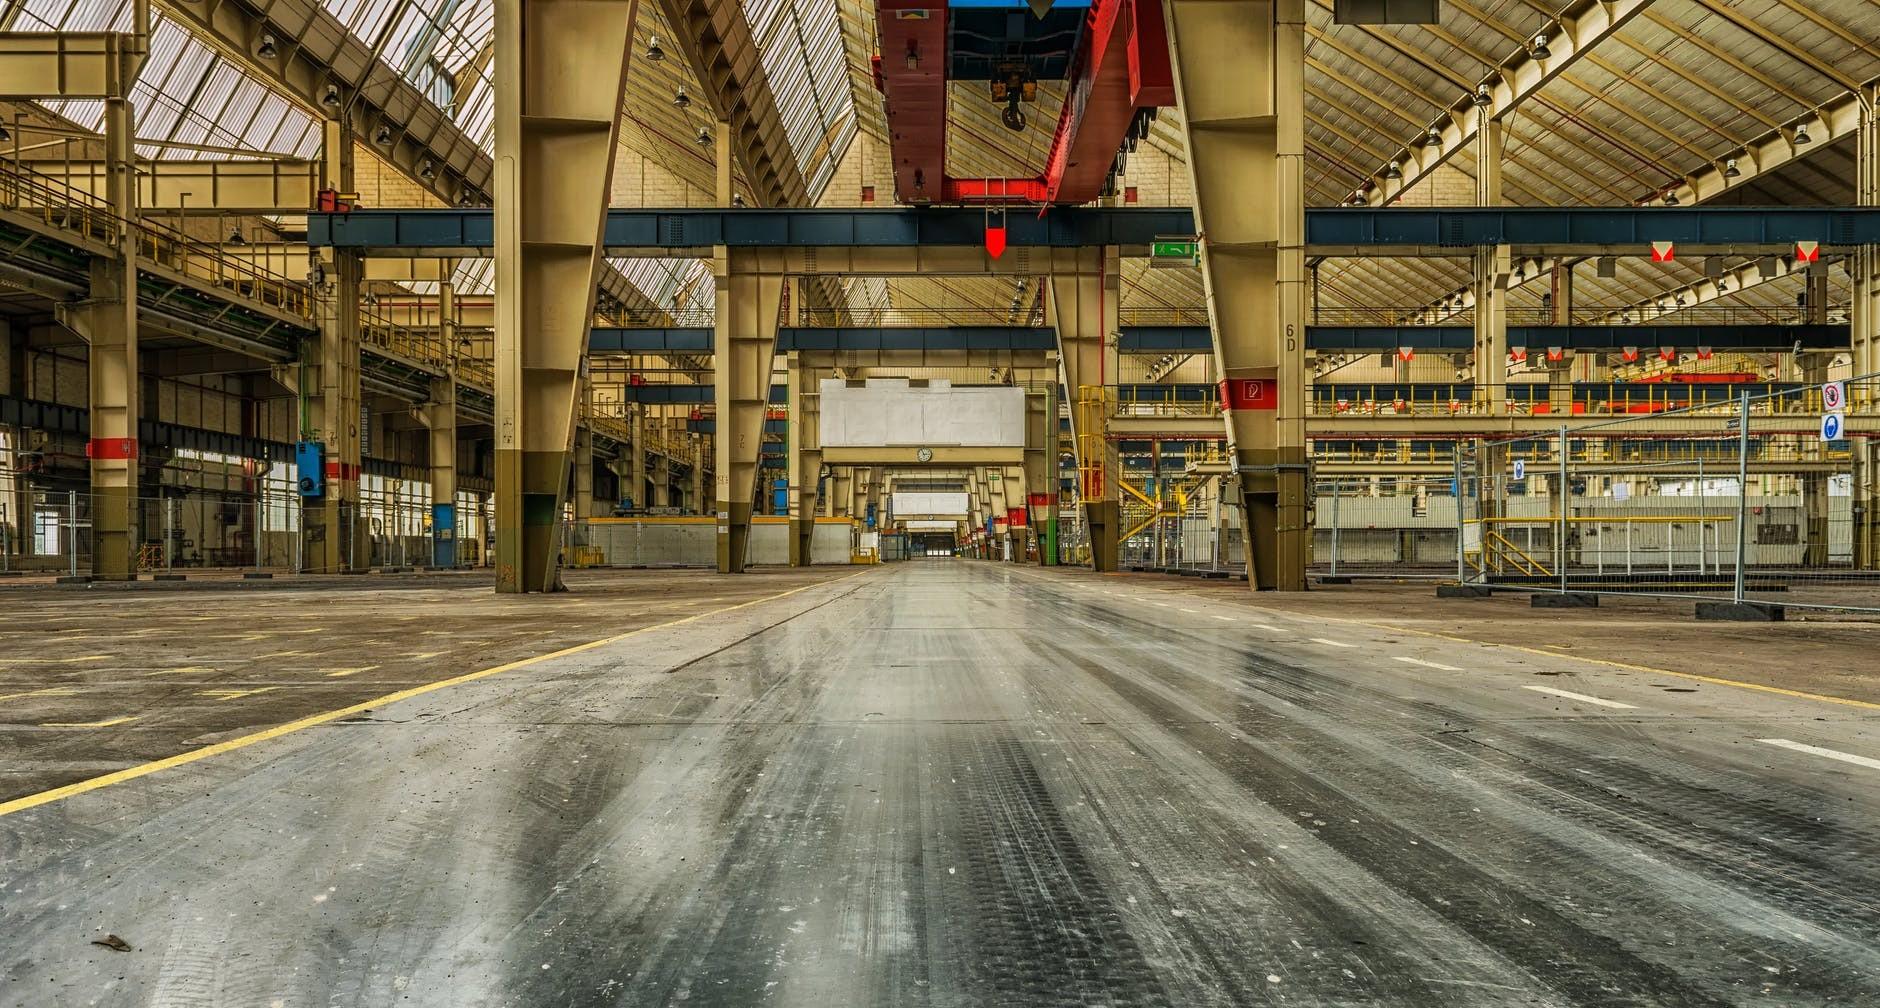 베트남 공장 건축비, 베트남 대규모 공장